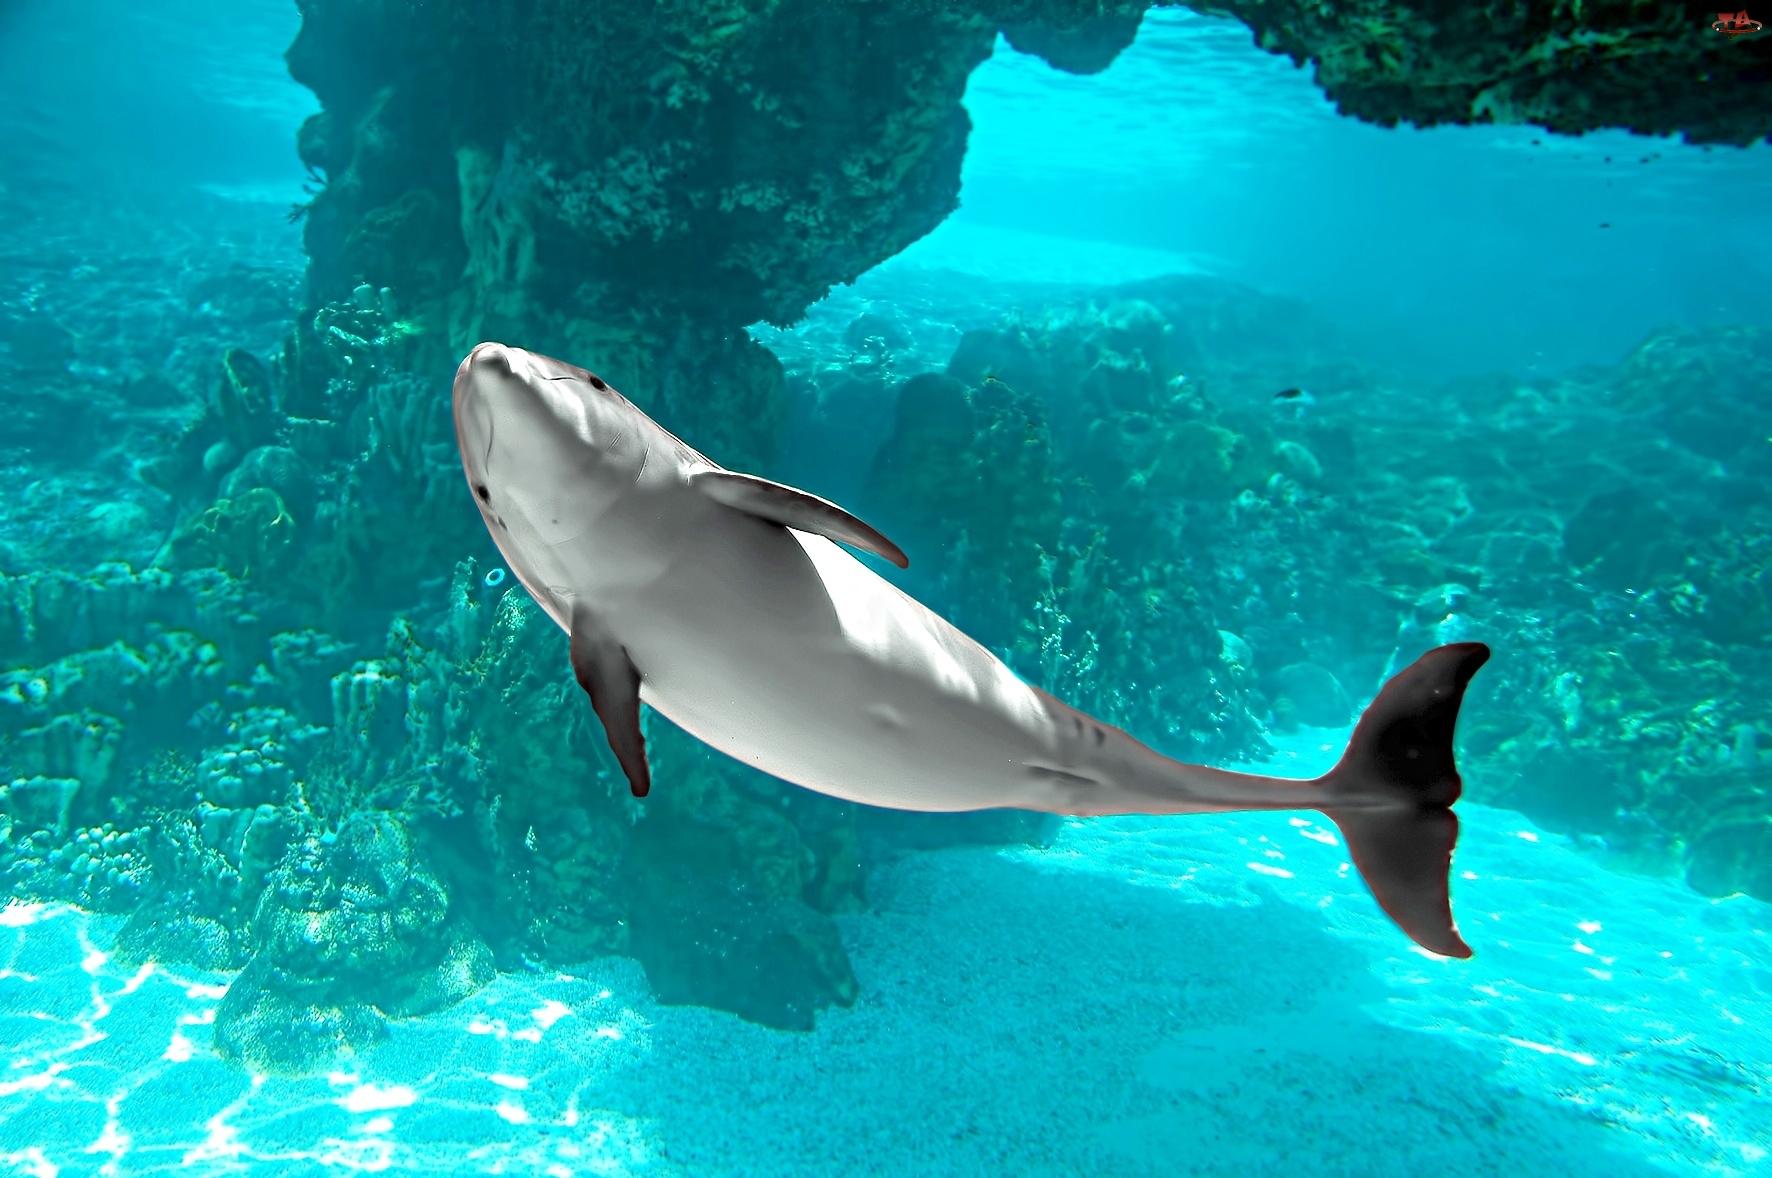 Oceanu, Delfin, Błękit